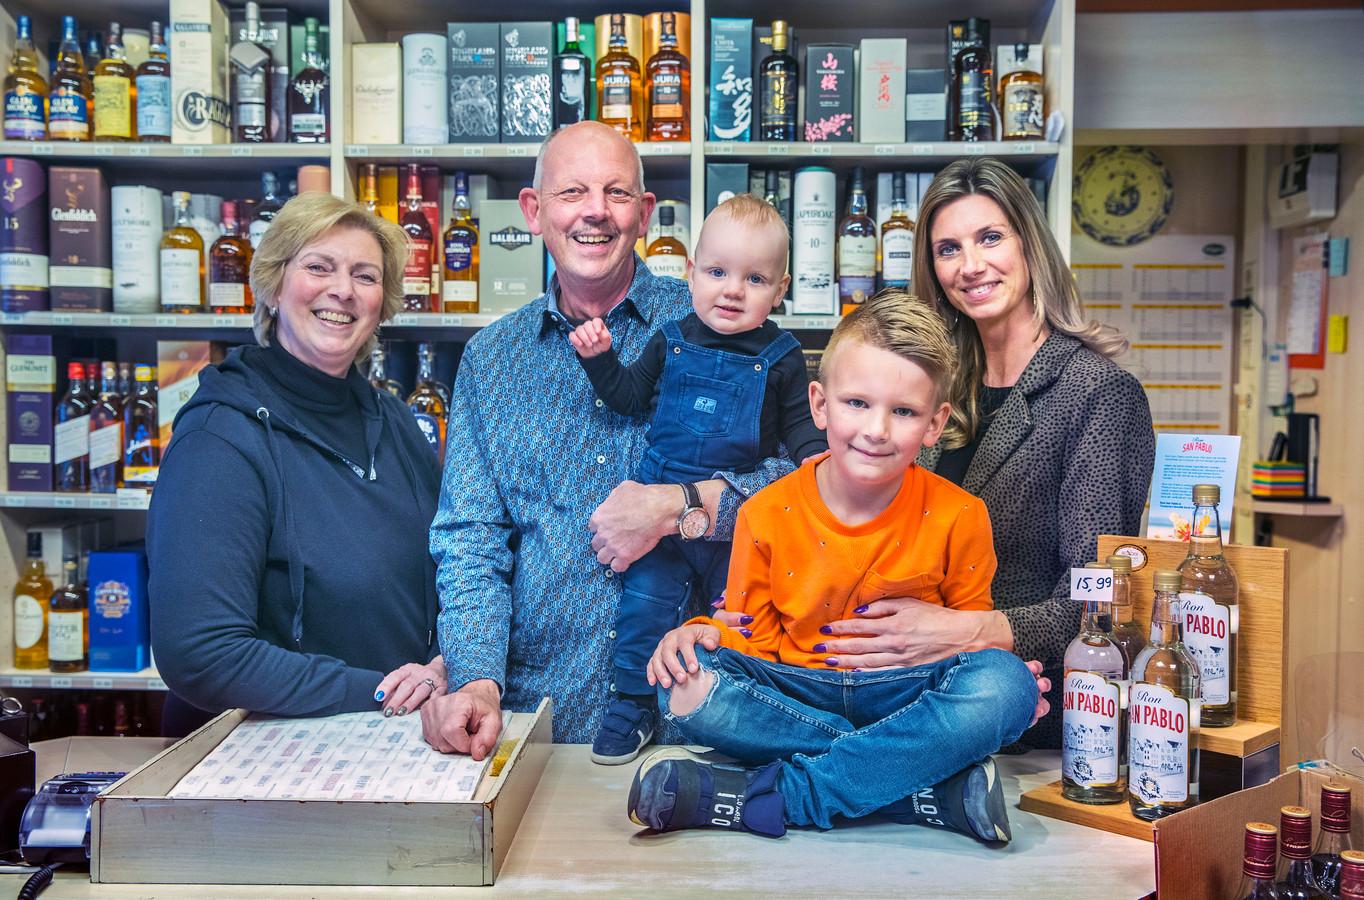 Slijterij V&V in de Oudemansstraat bestaat 50 jaar.links Marcel en Elly Verwoerd met rechts hun dochter Marissa en haar zoontjes Jayen (6) en Jace (1) in de winkel.